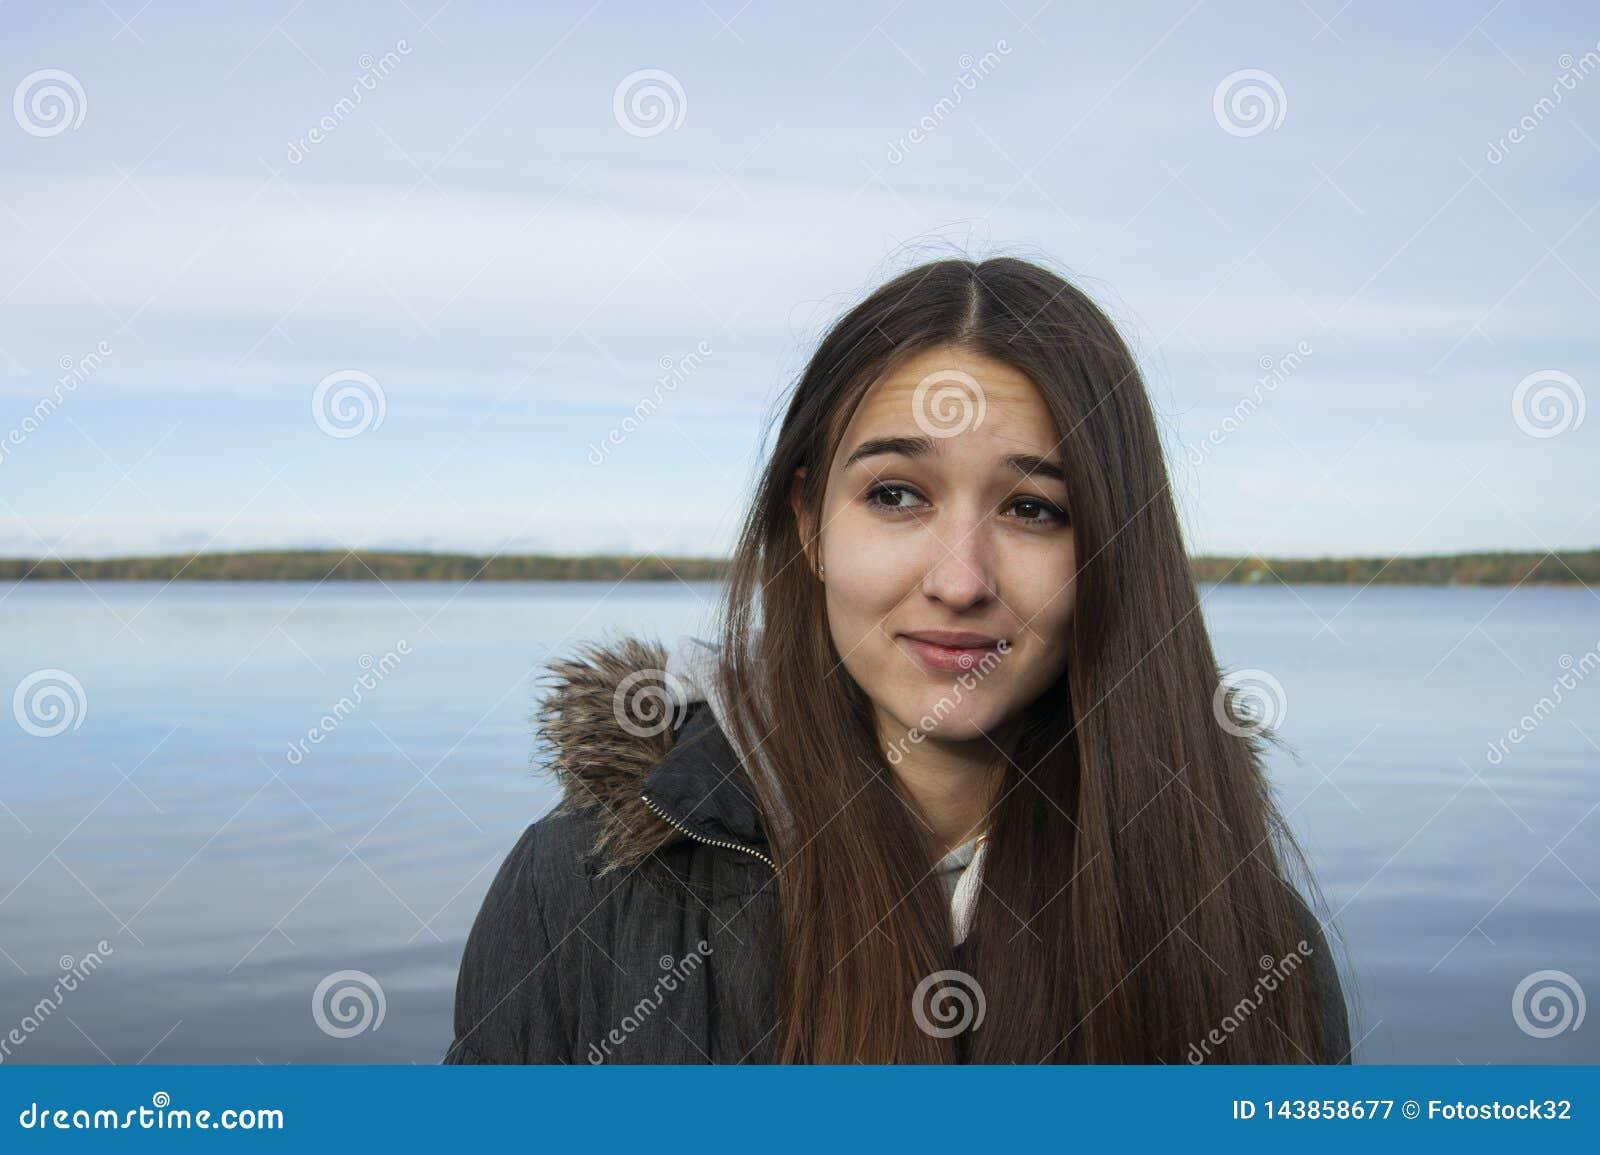 La muchacha en el fondo del lago con una expresión facial extraña